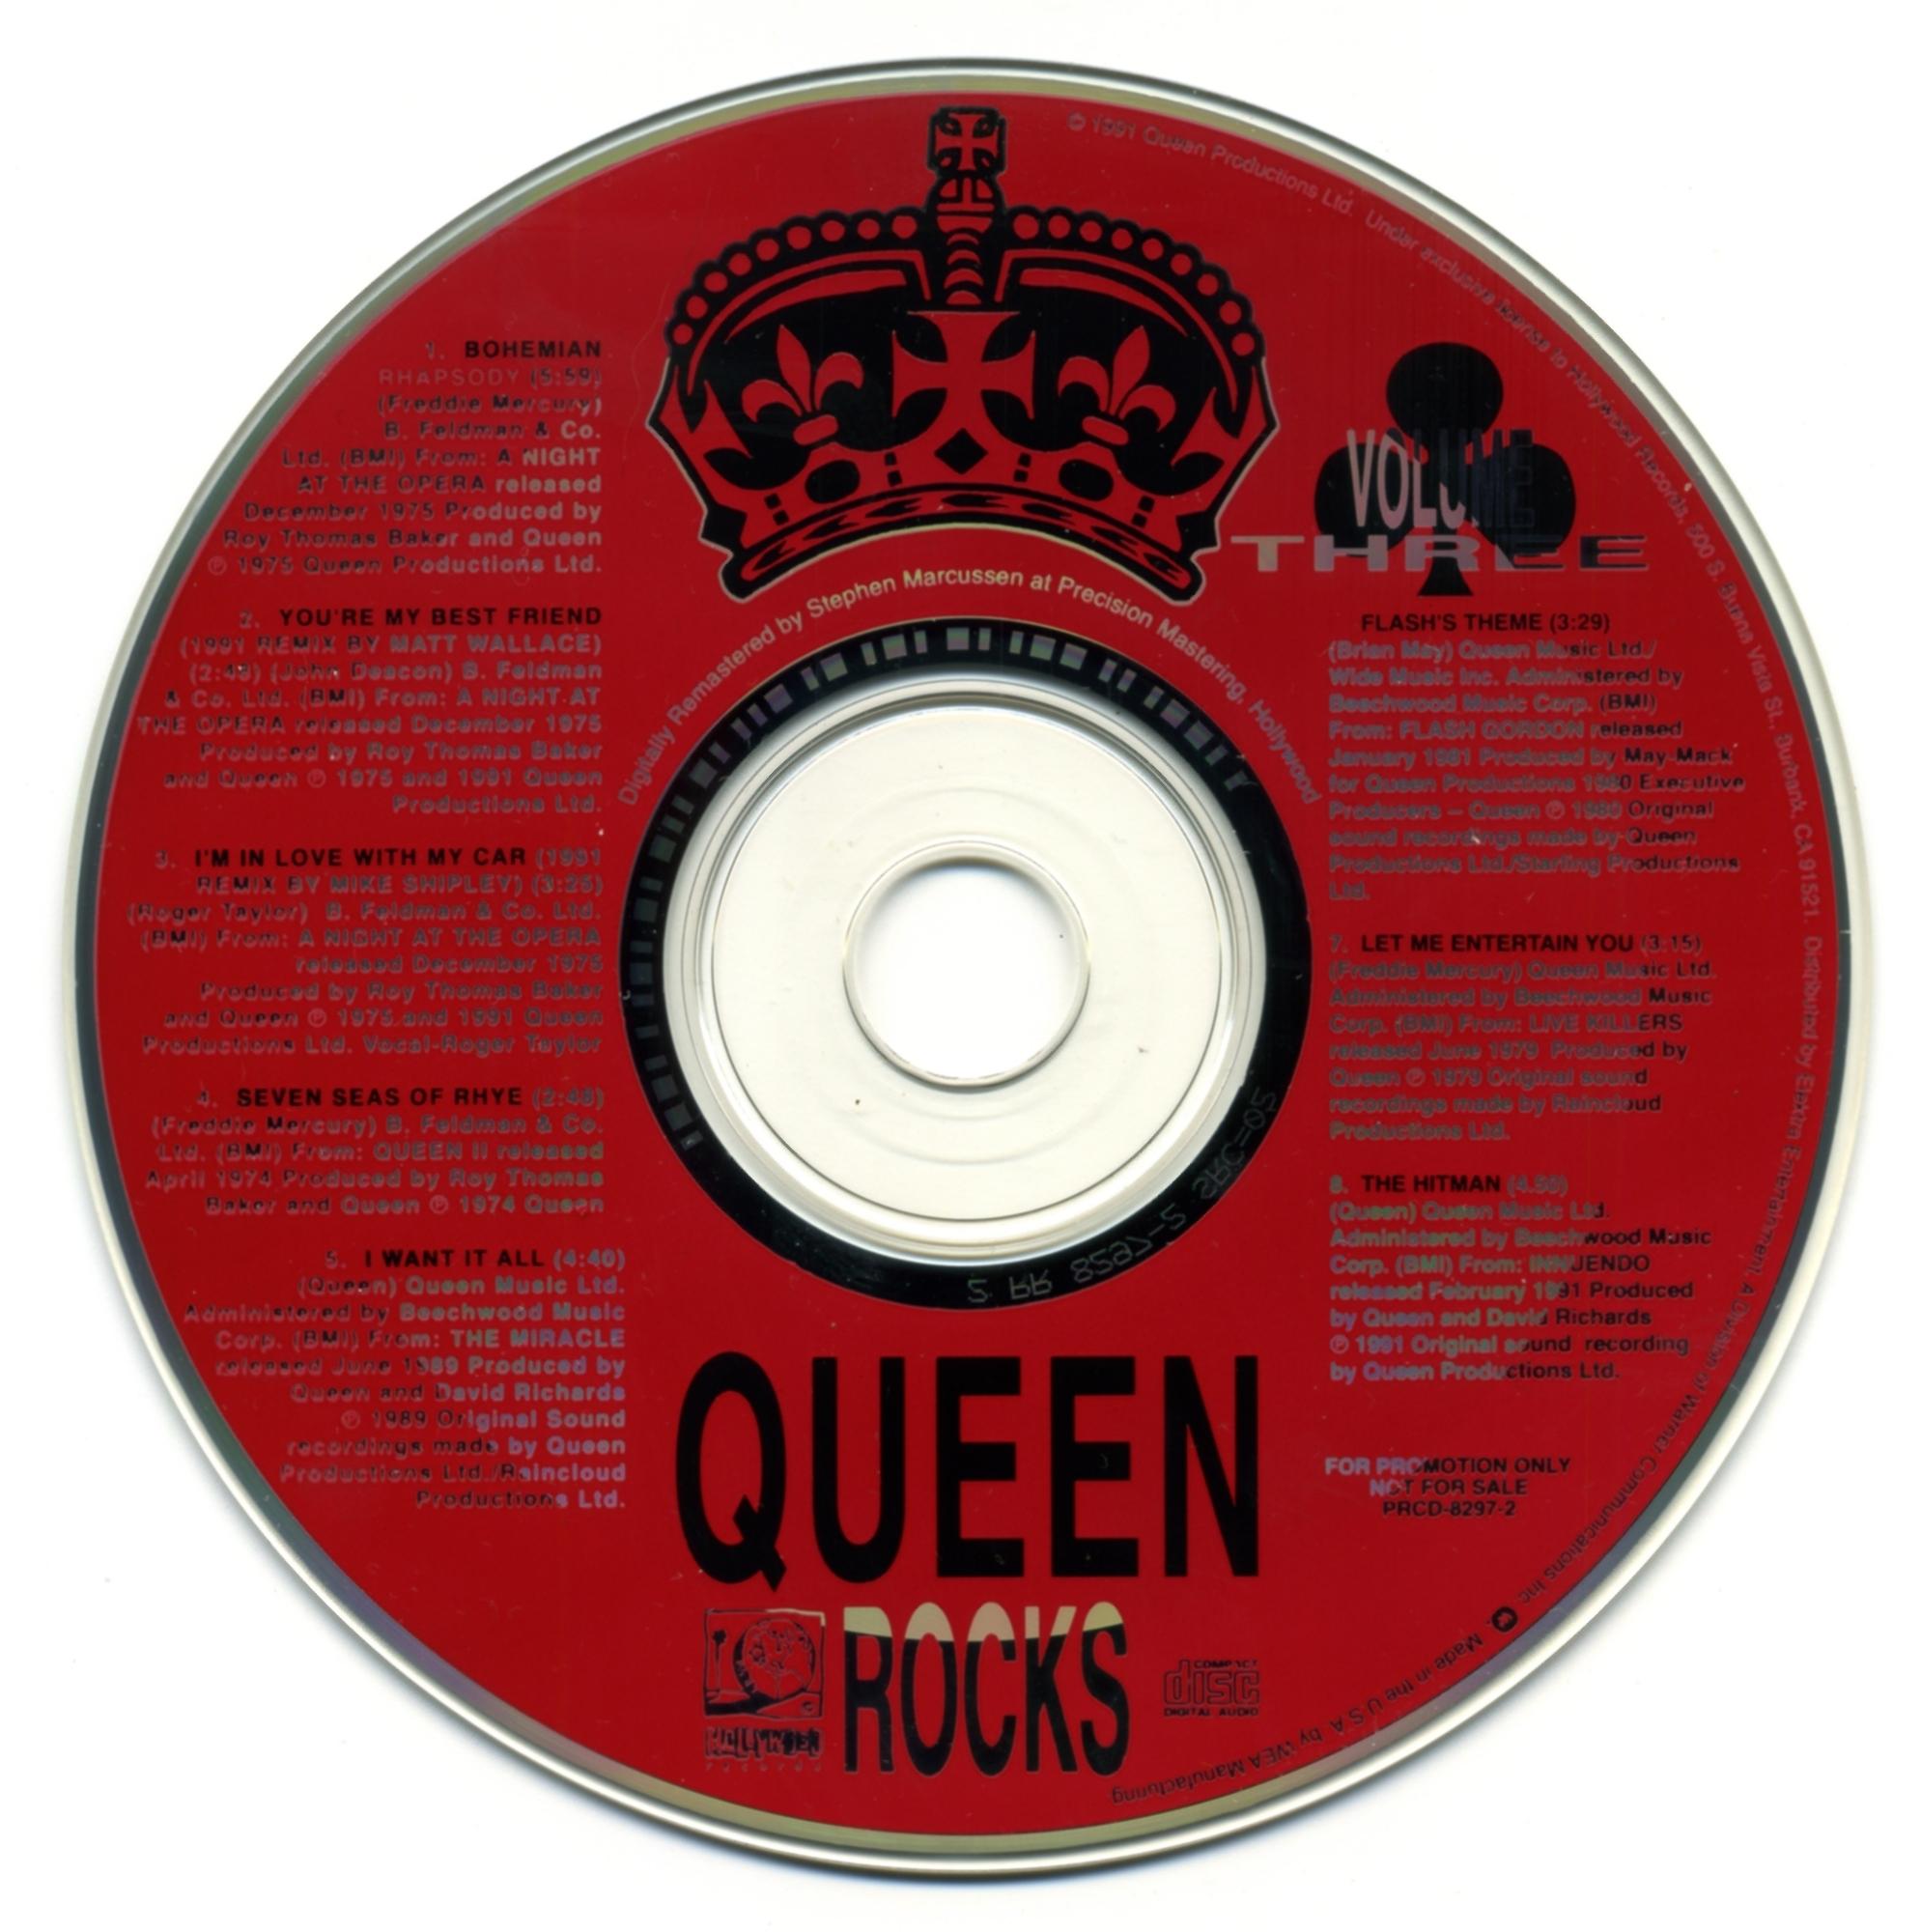 Promo and Rare CD (album) – Queenvinyls com